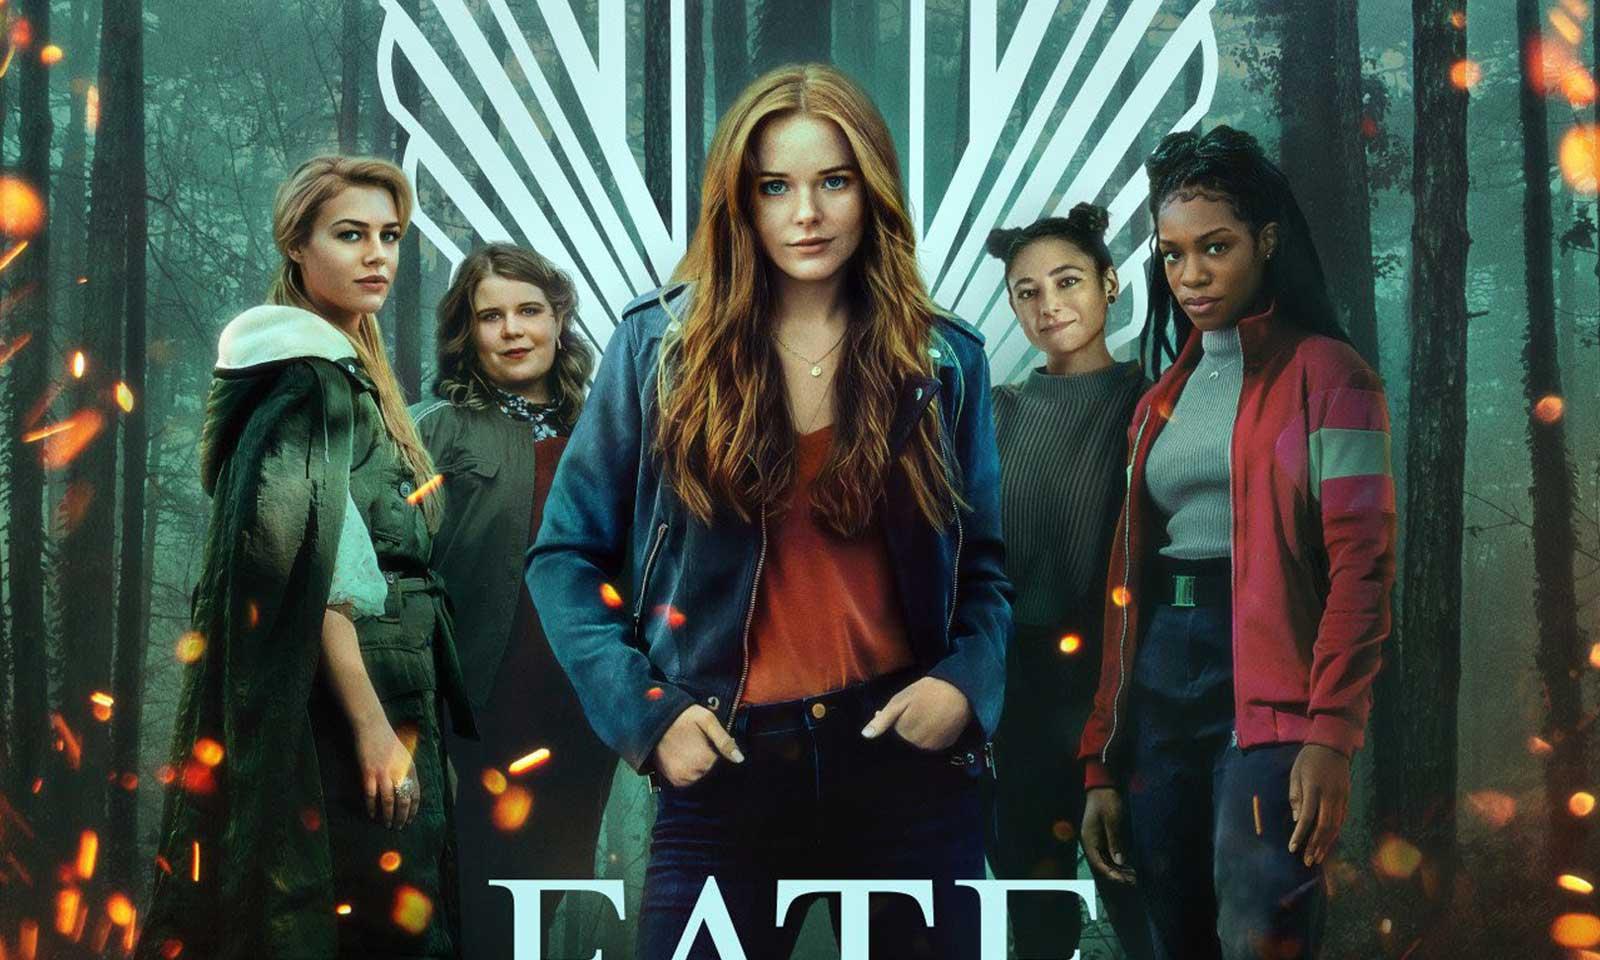 FATE-a-saga-Winx-netflix-trailer-capa